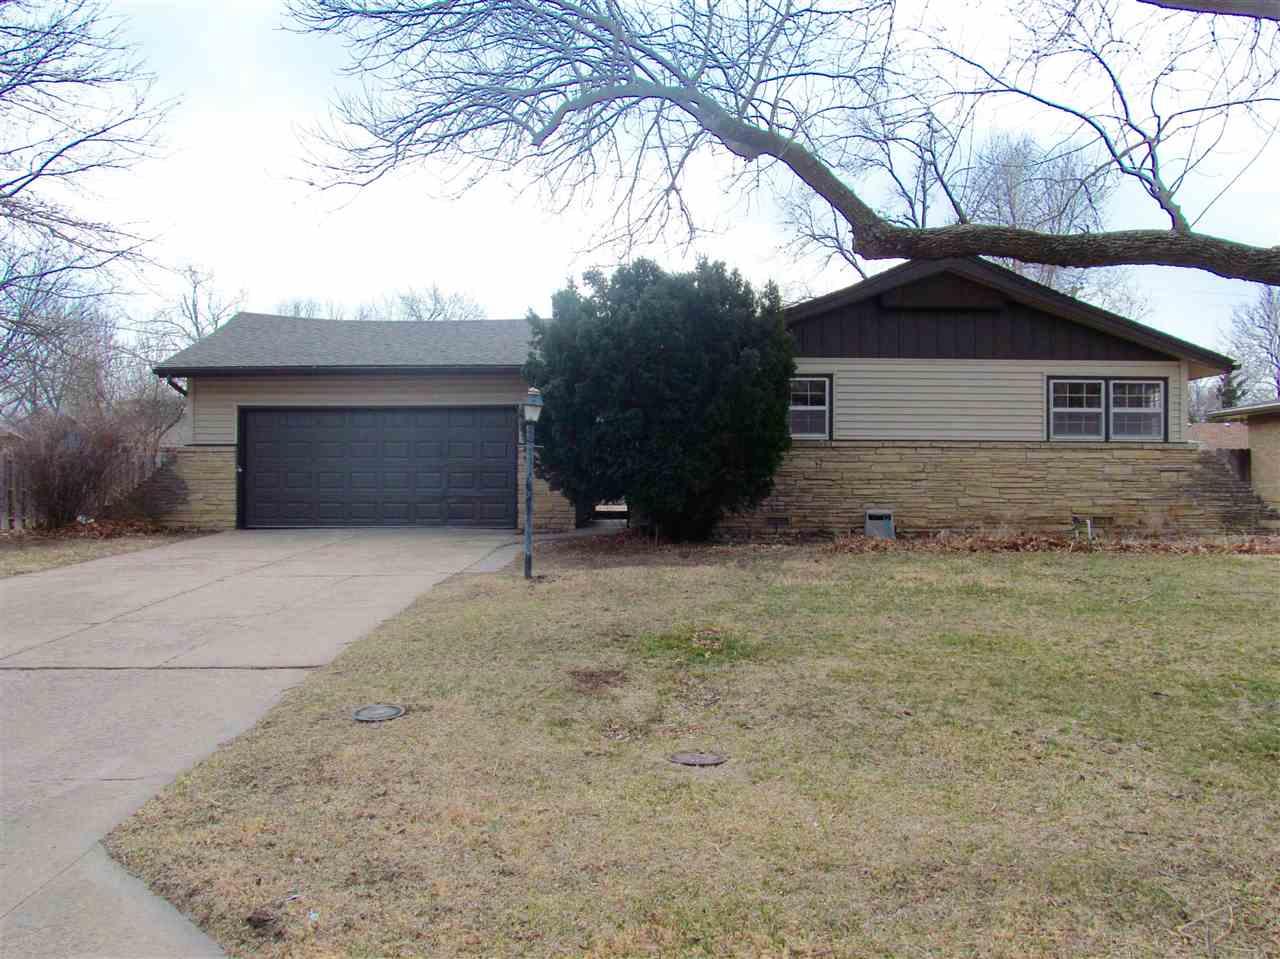 9623 W Tee Ln, Wichita, KS 67212